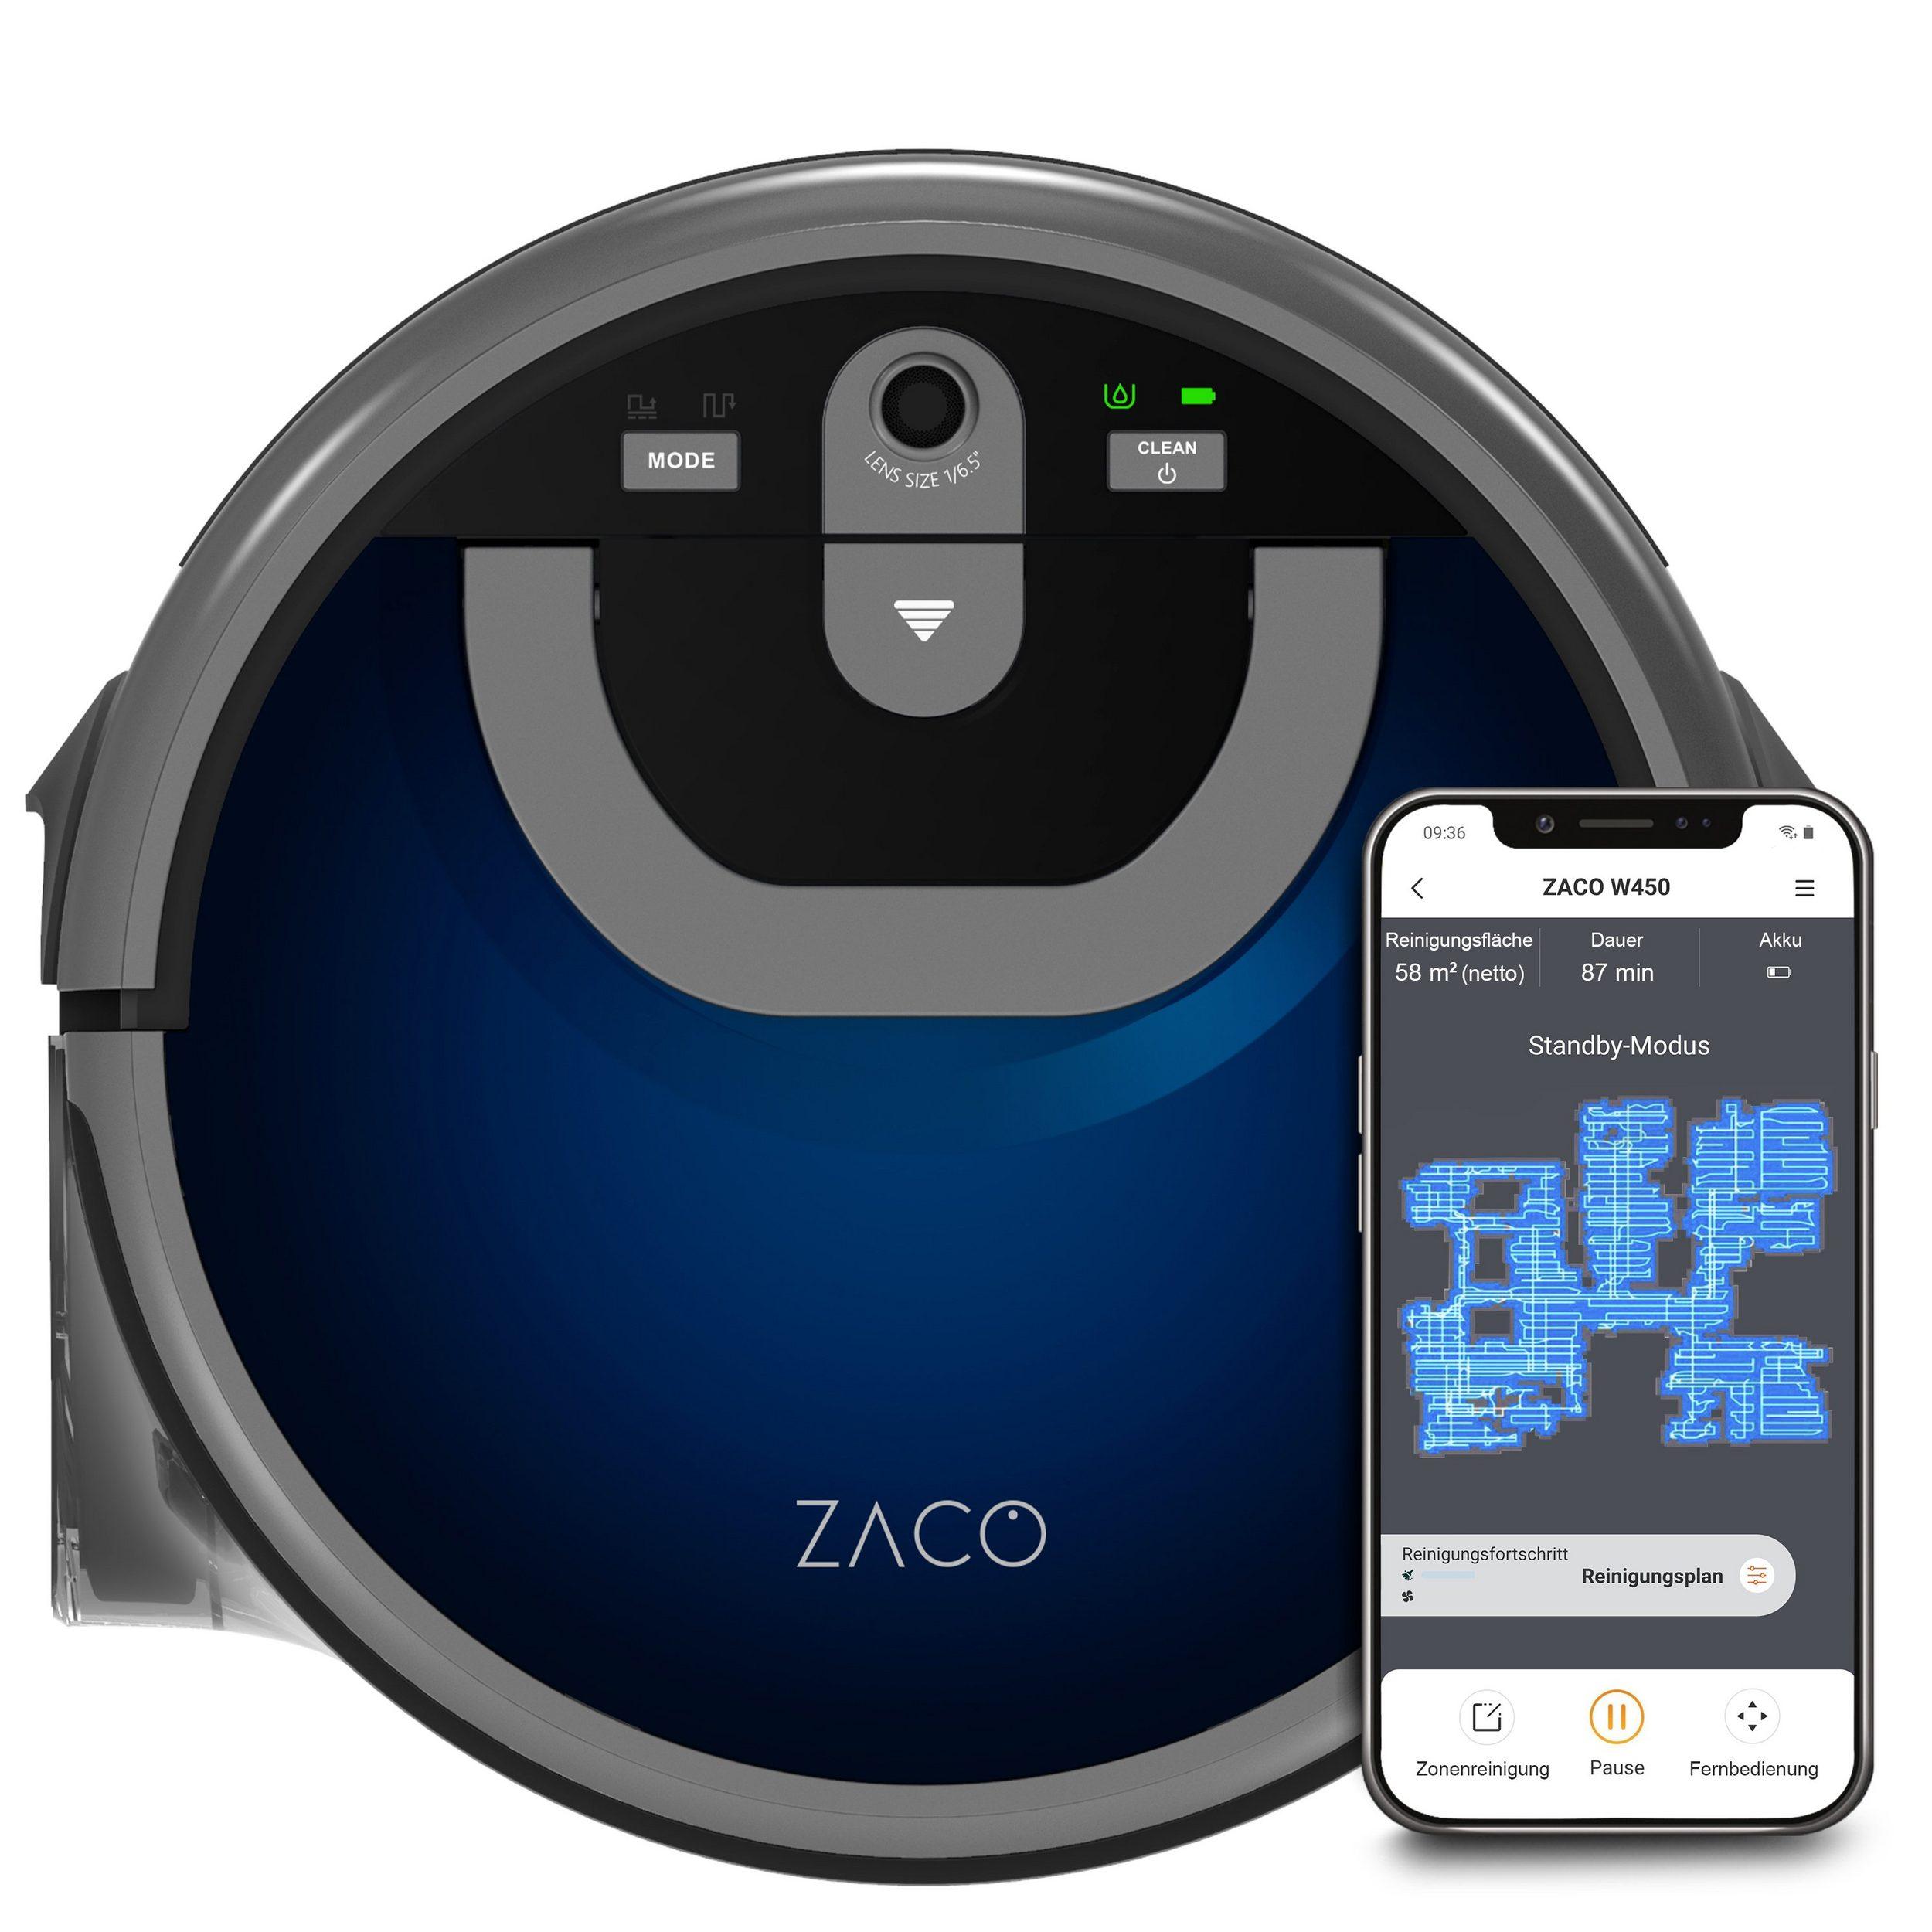 Zaco Wischroboter W450